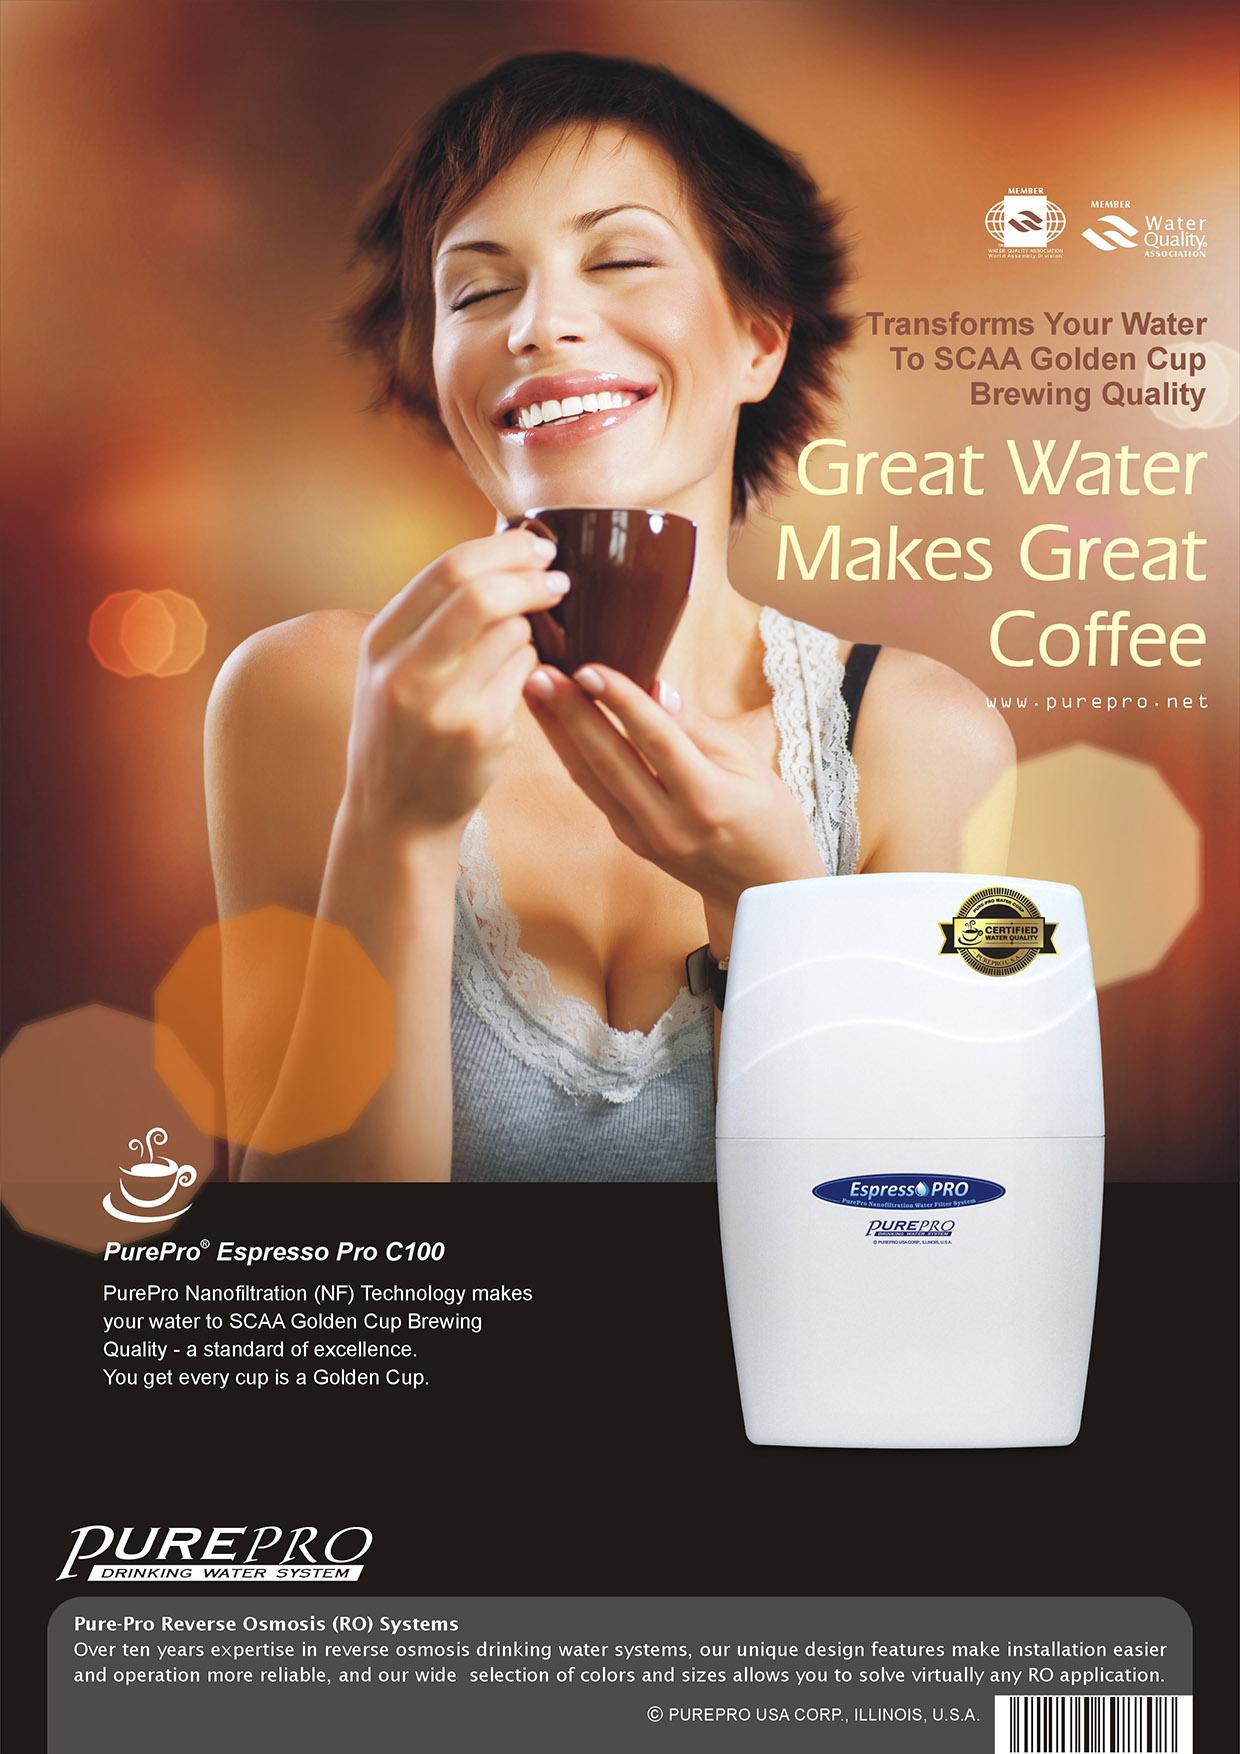 美國 PurePro® C100 RO濾水器 - 全新配備具礦物保護技術的新一代逆滲透膜